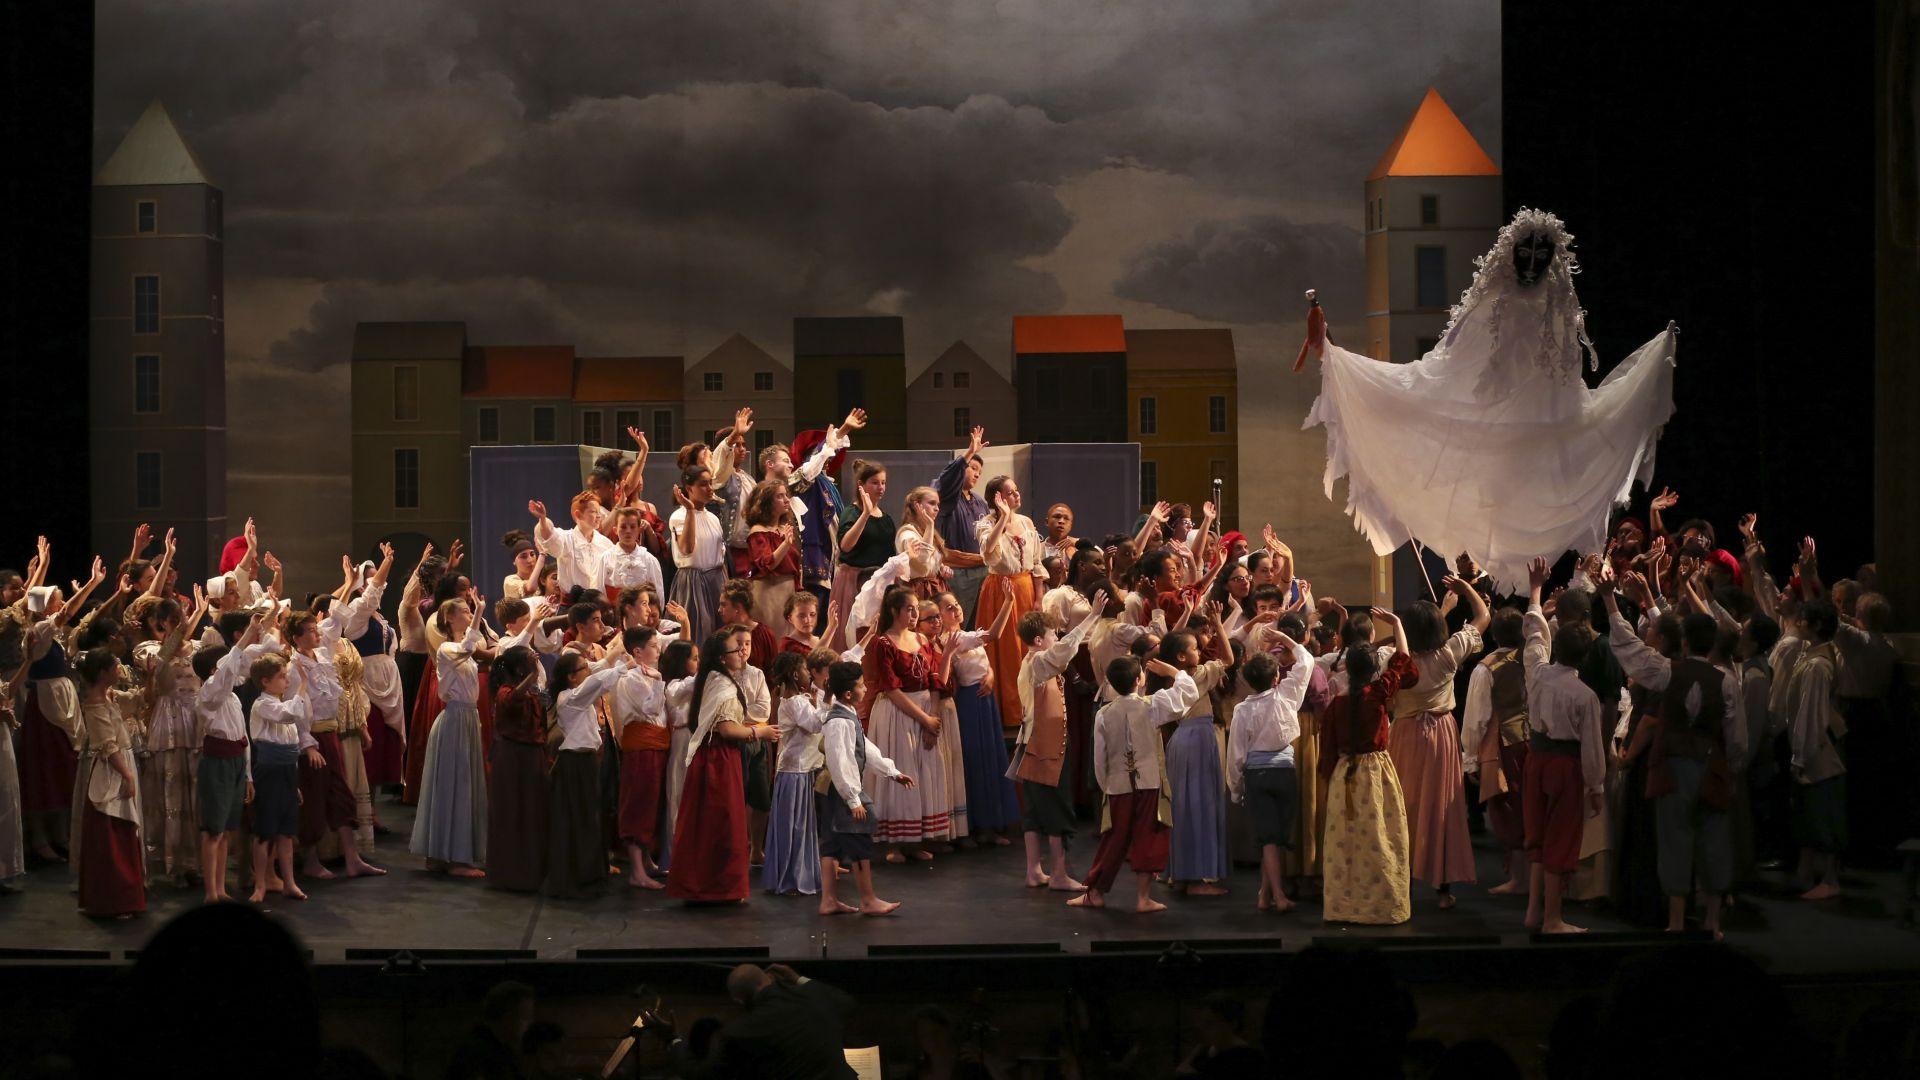 Répétitions de Baptiste ou l'opéra des farceurs dans le cadre de projets de territoire menés par l'action culturelle du CMBV